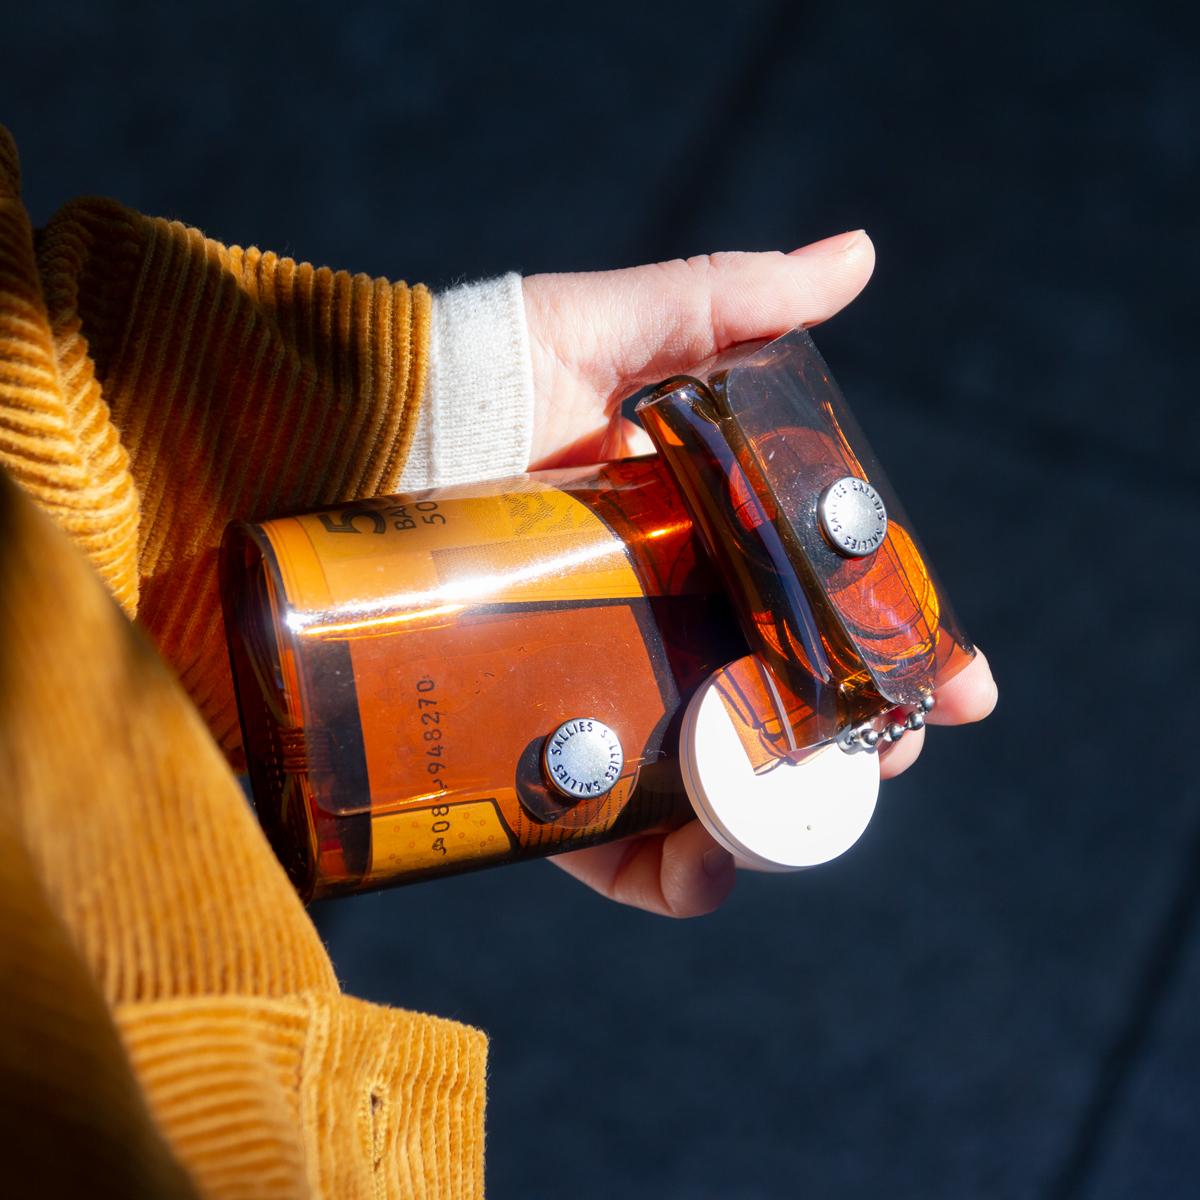 60年代に人気を集めたアンバーガラスのマグカップのような、アンティークな温もりと大人っぽい色気の「クリアブラウンのミニ財布」|SALLIES